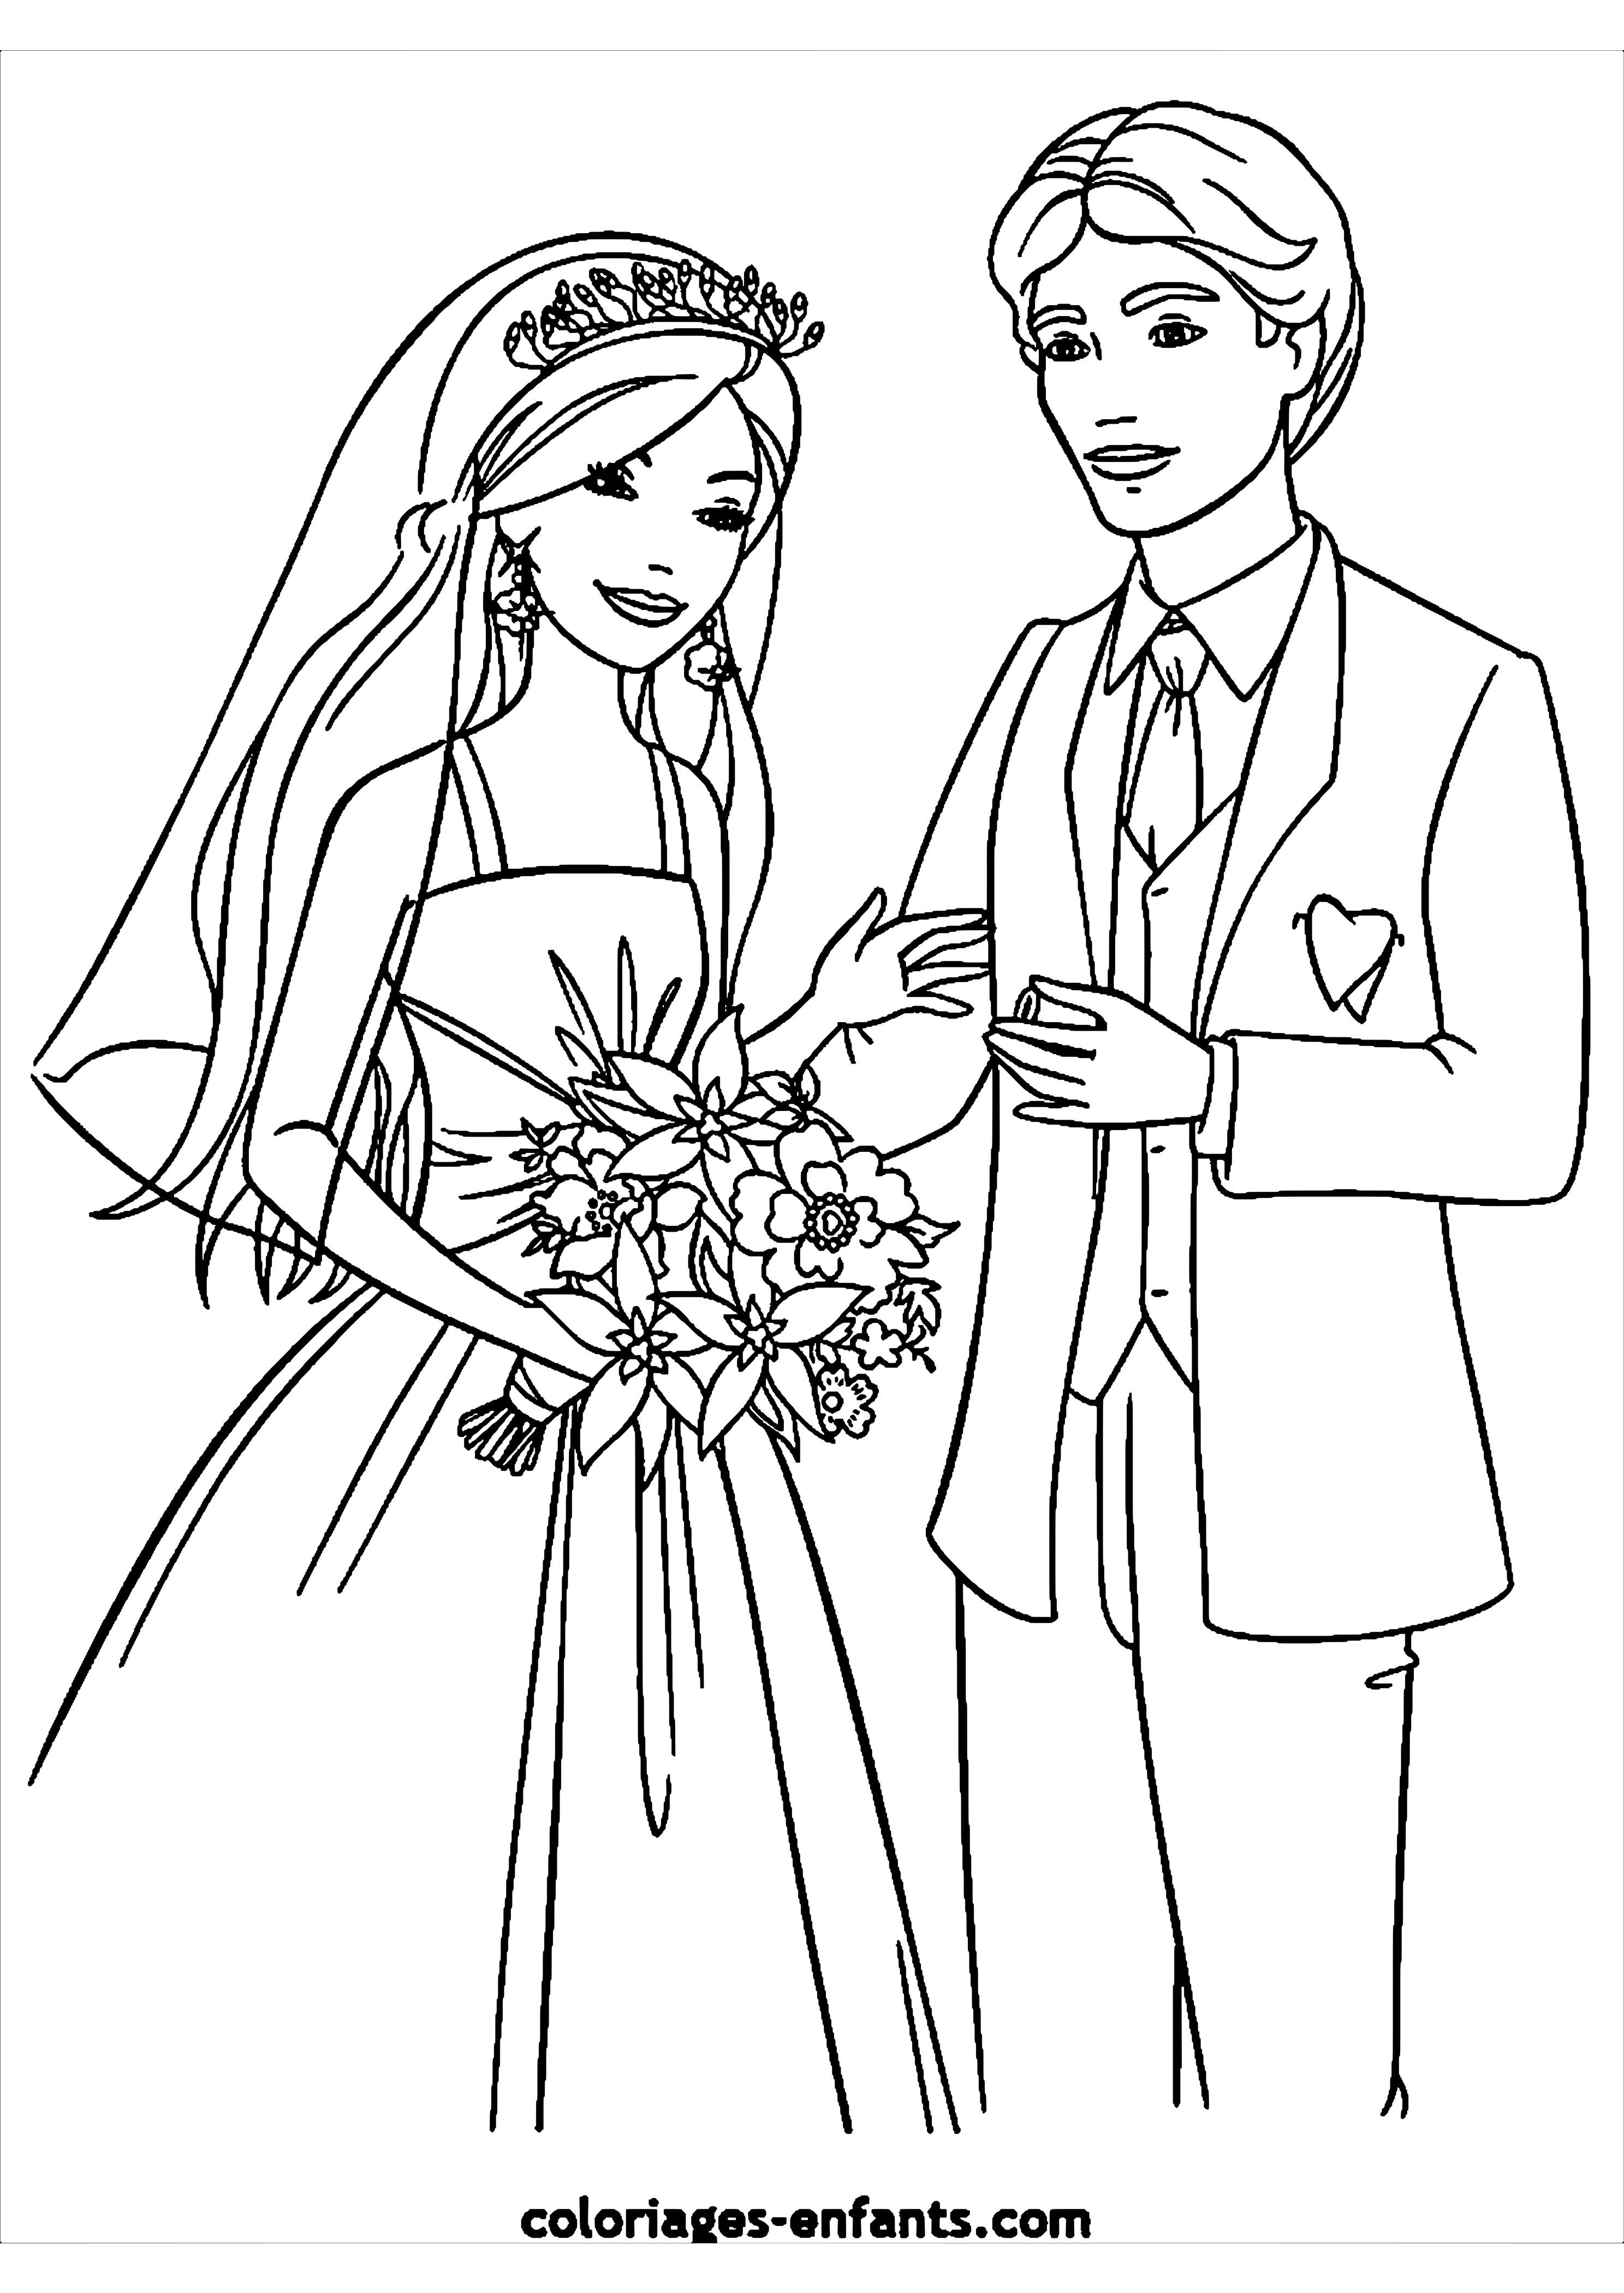 Ausmalbilder Hochzeit Kostenlos  Malvorlagen Kostenlos Hochzeit